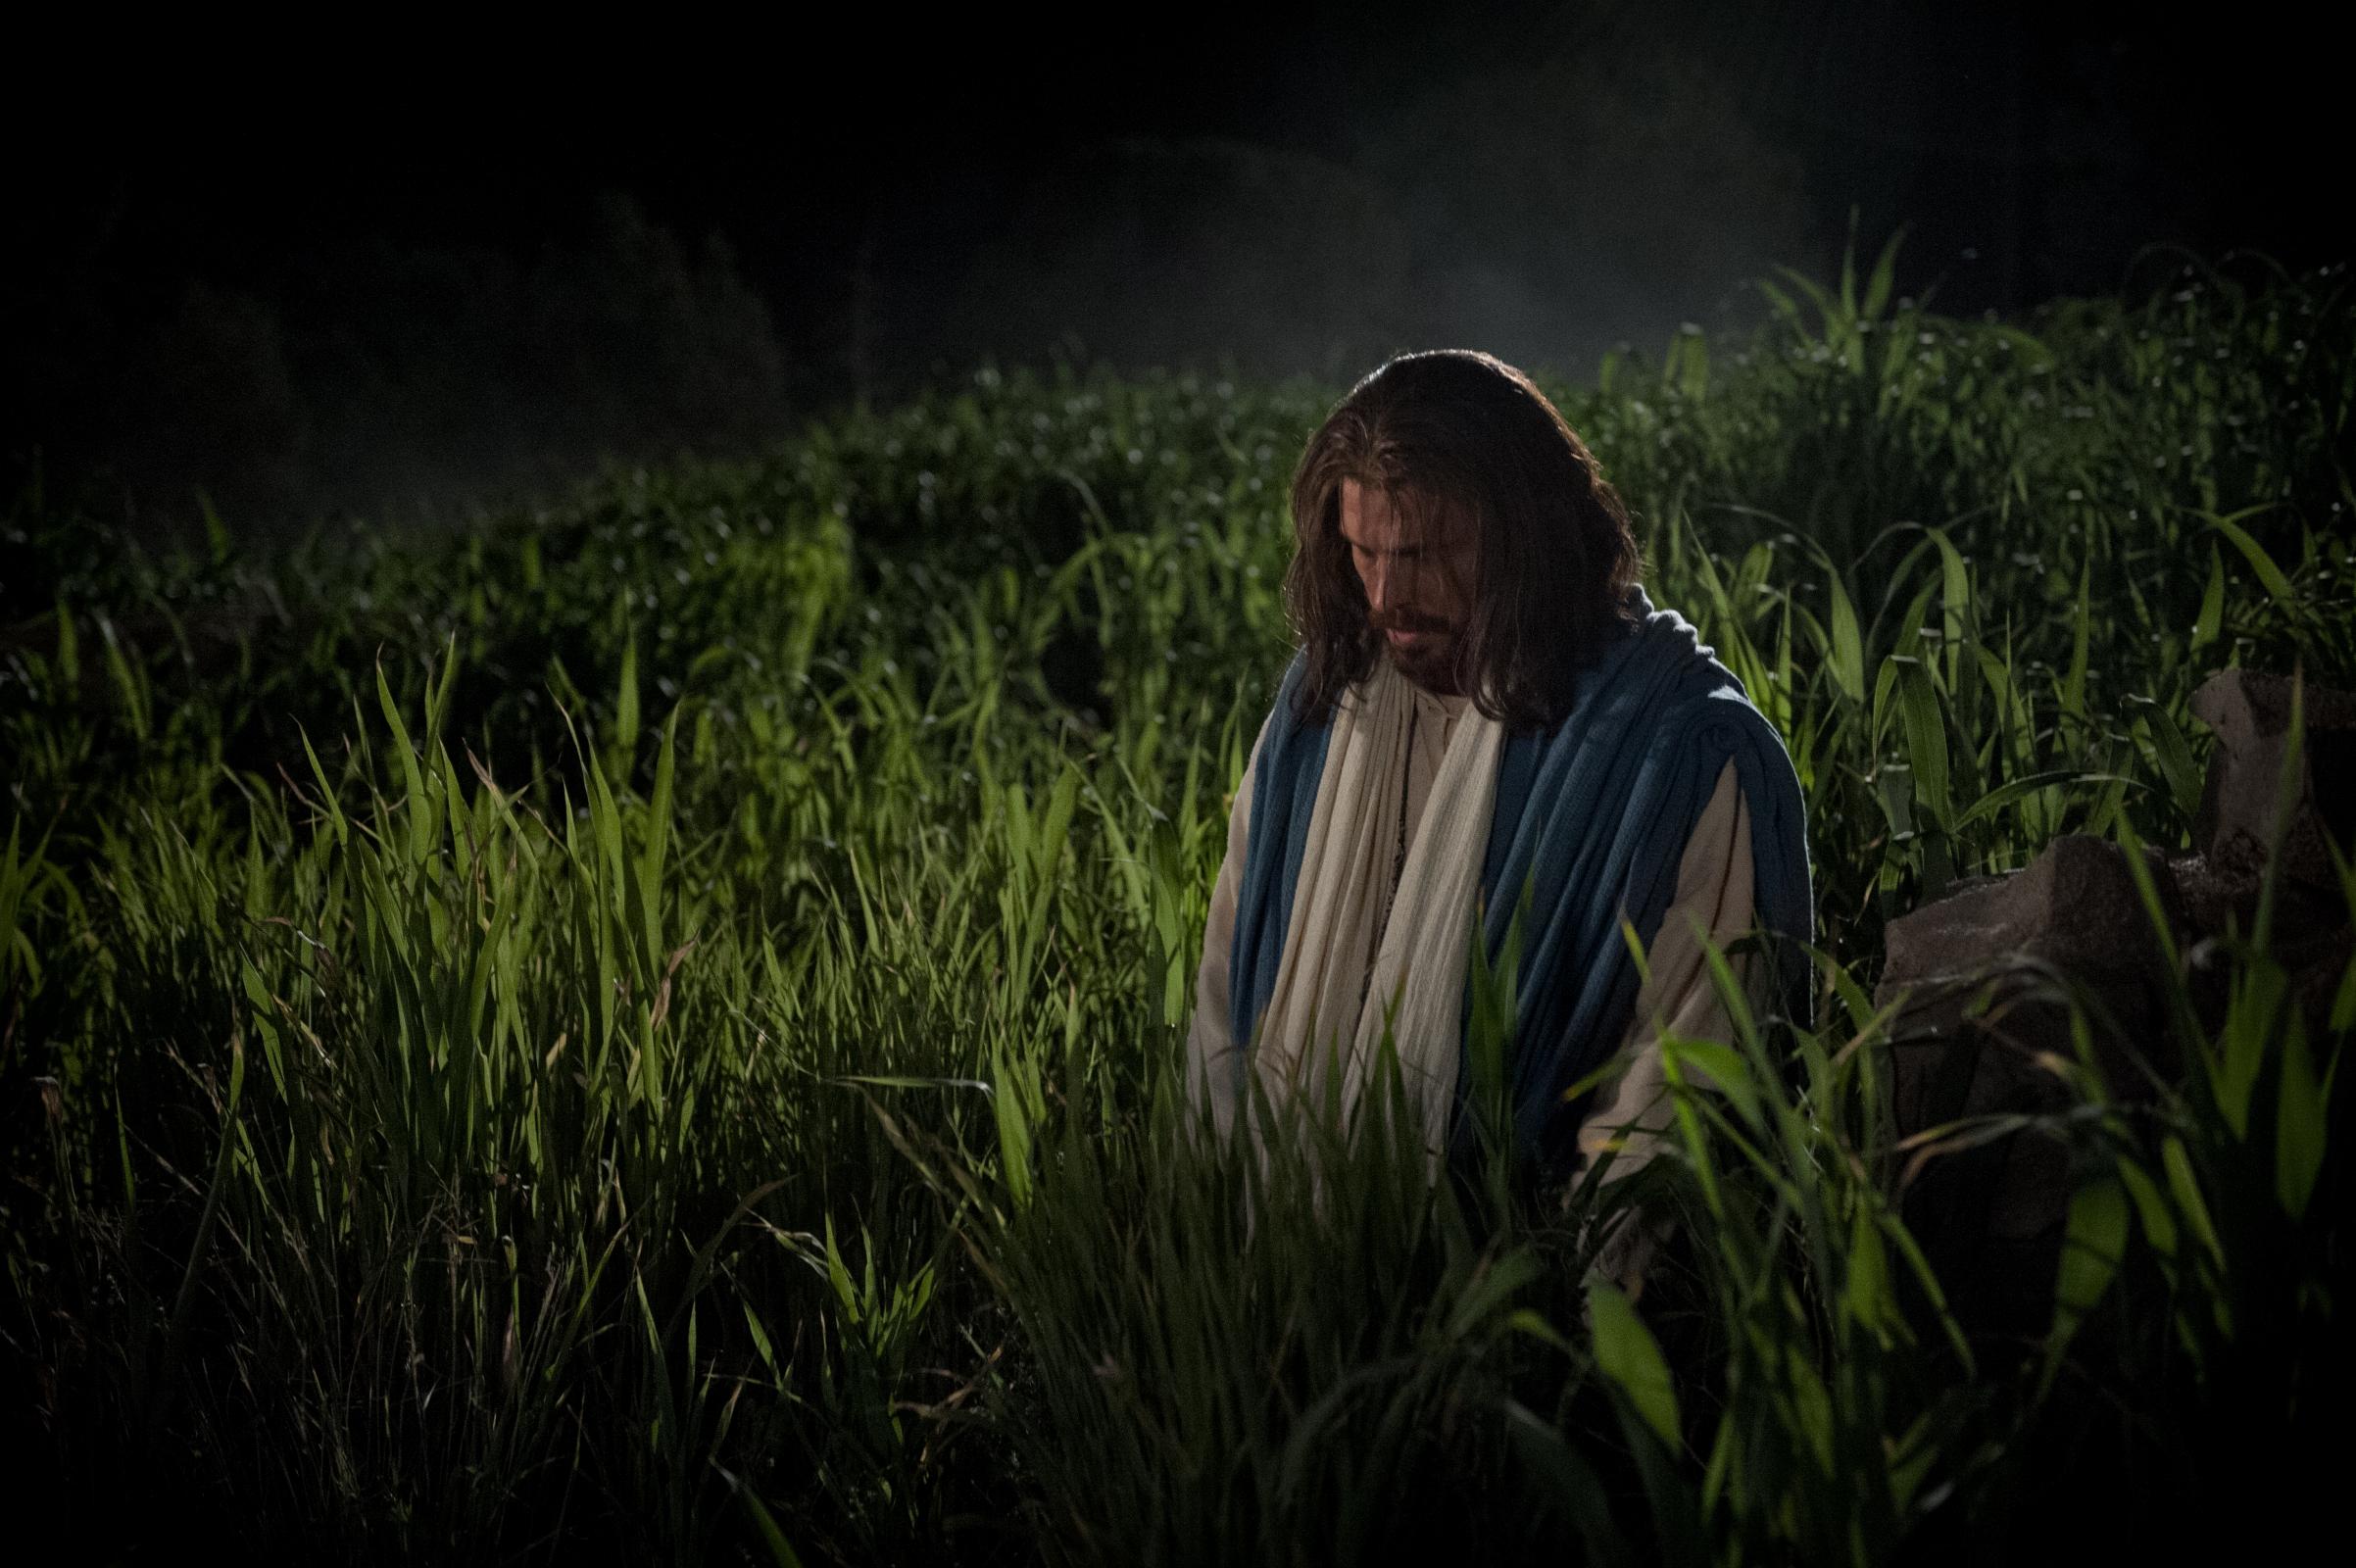 Best Wallpaper Mobile Jesus - christ-in-gethsemane-matthew-reier-960133-wallpaper  Snapshot_136882.jpg?download\u003dtrue